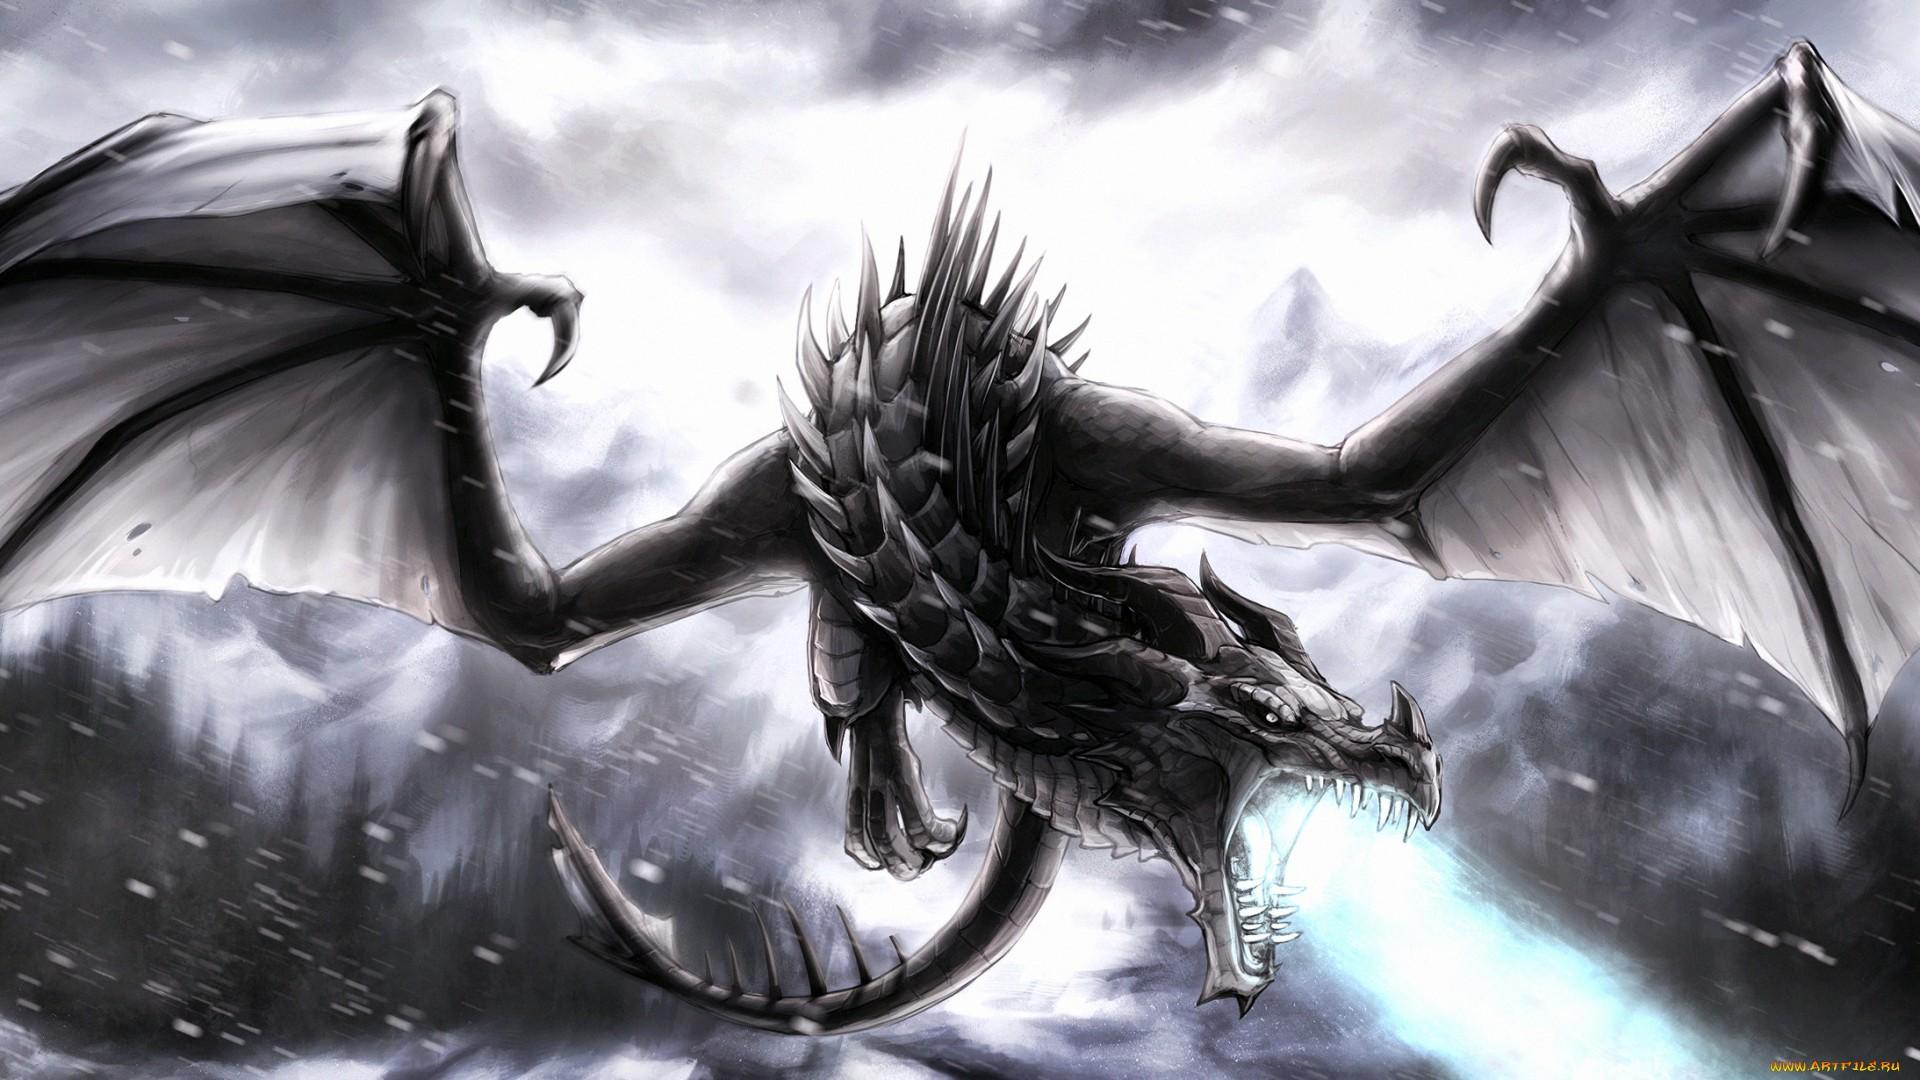 Black Dragon Wallpapers  WallpaperSafari